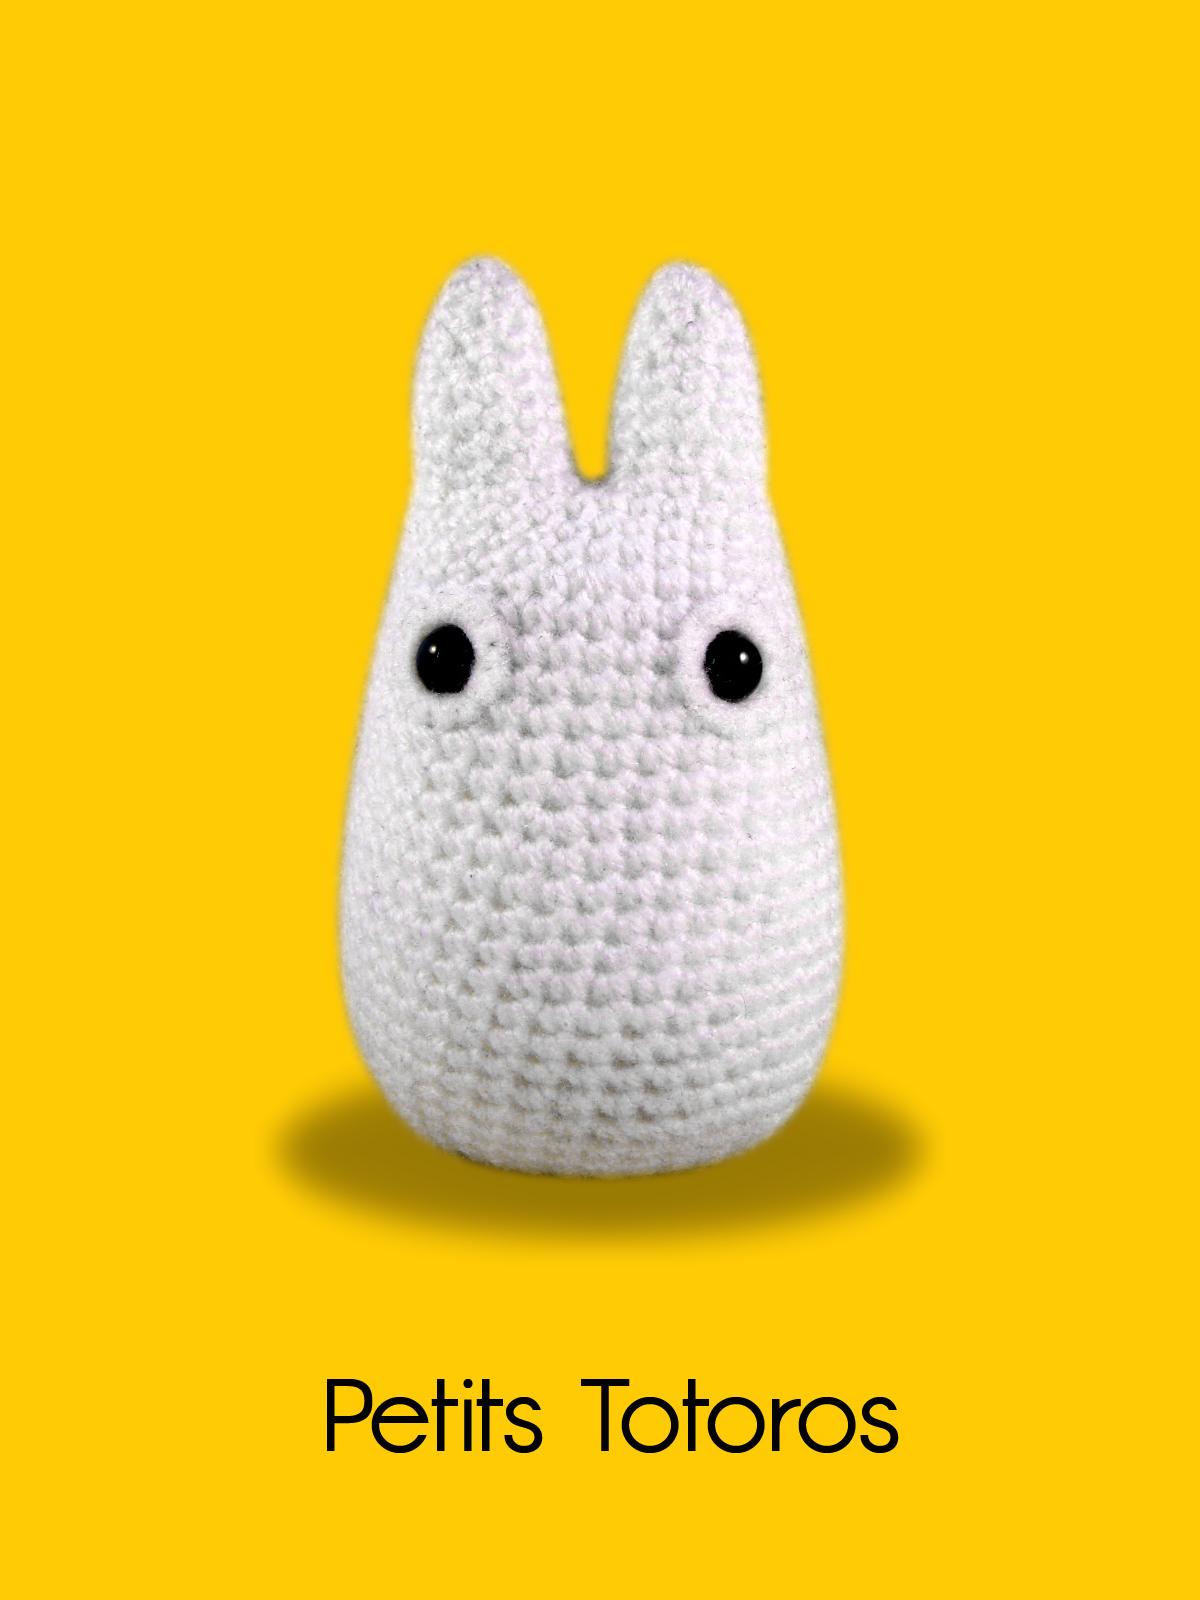 Tuto Amigurumi Totoro Francais : Blog laine tricot crochet Planete Laine: Modele crochet ...